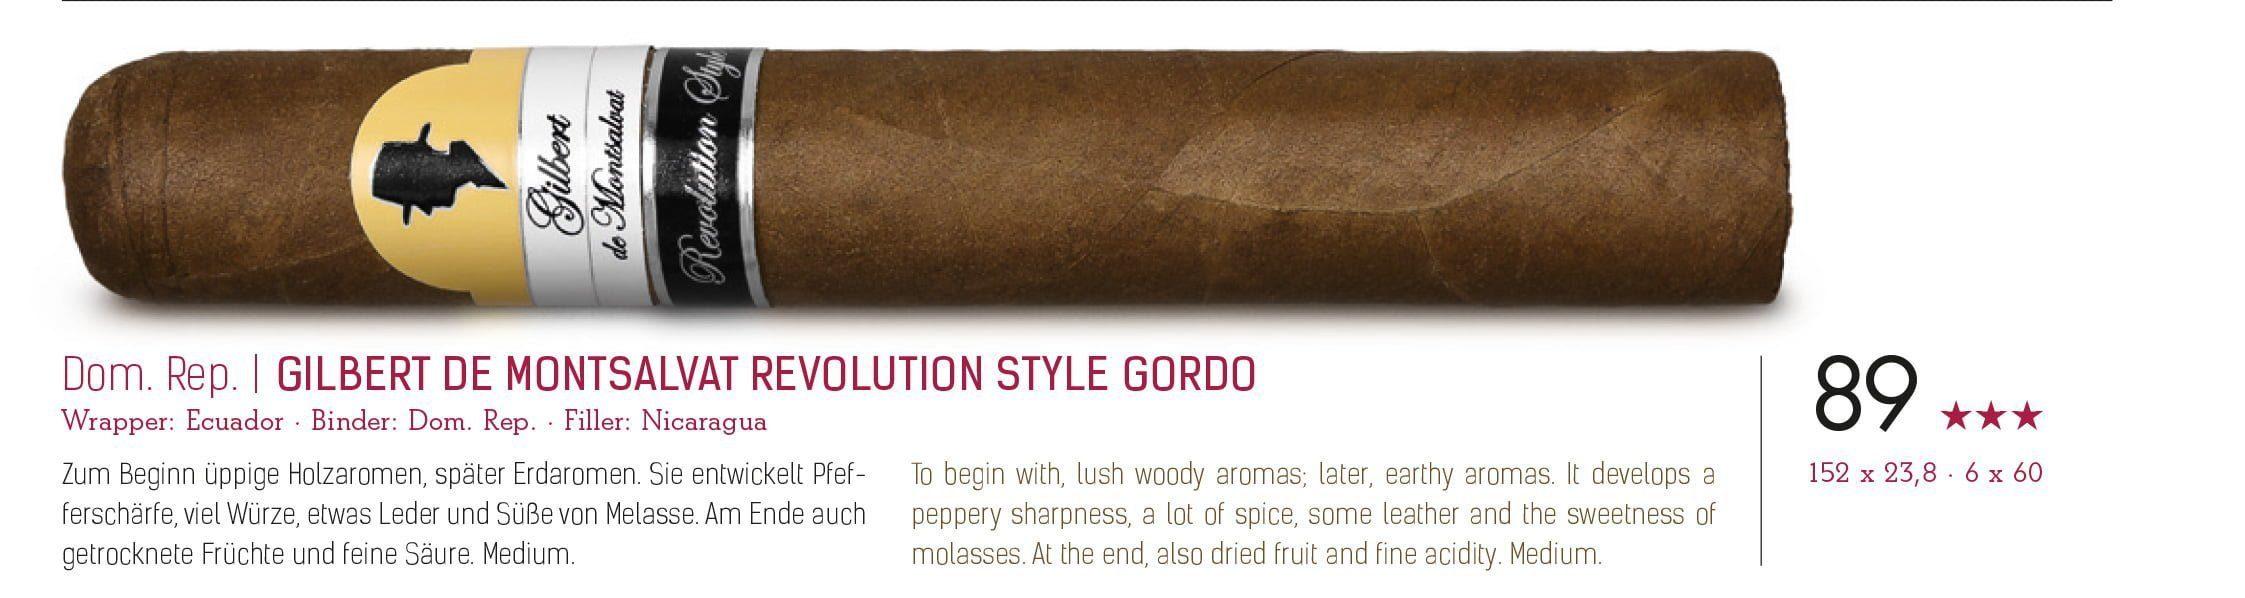 Gilbert de Montsalvat Revolution Style Gordo